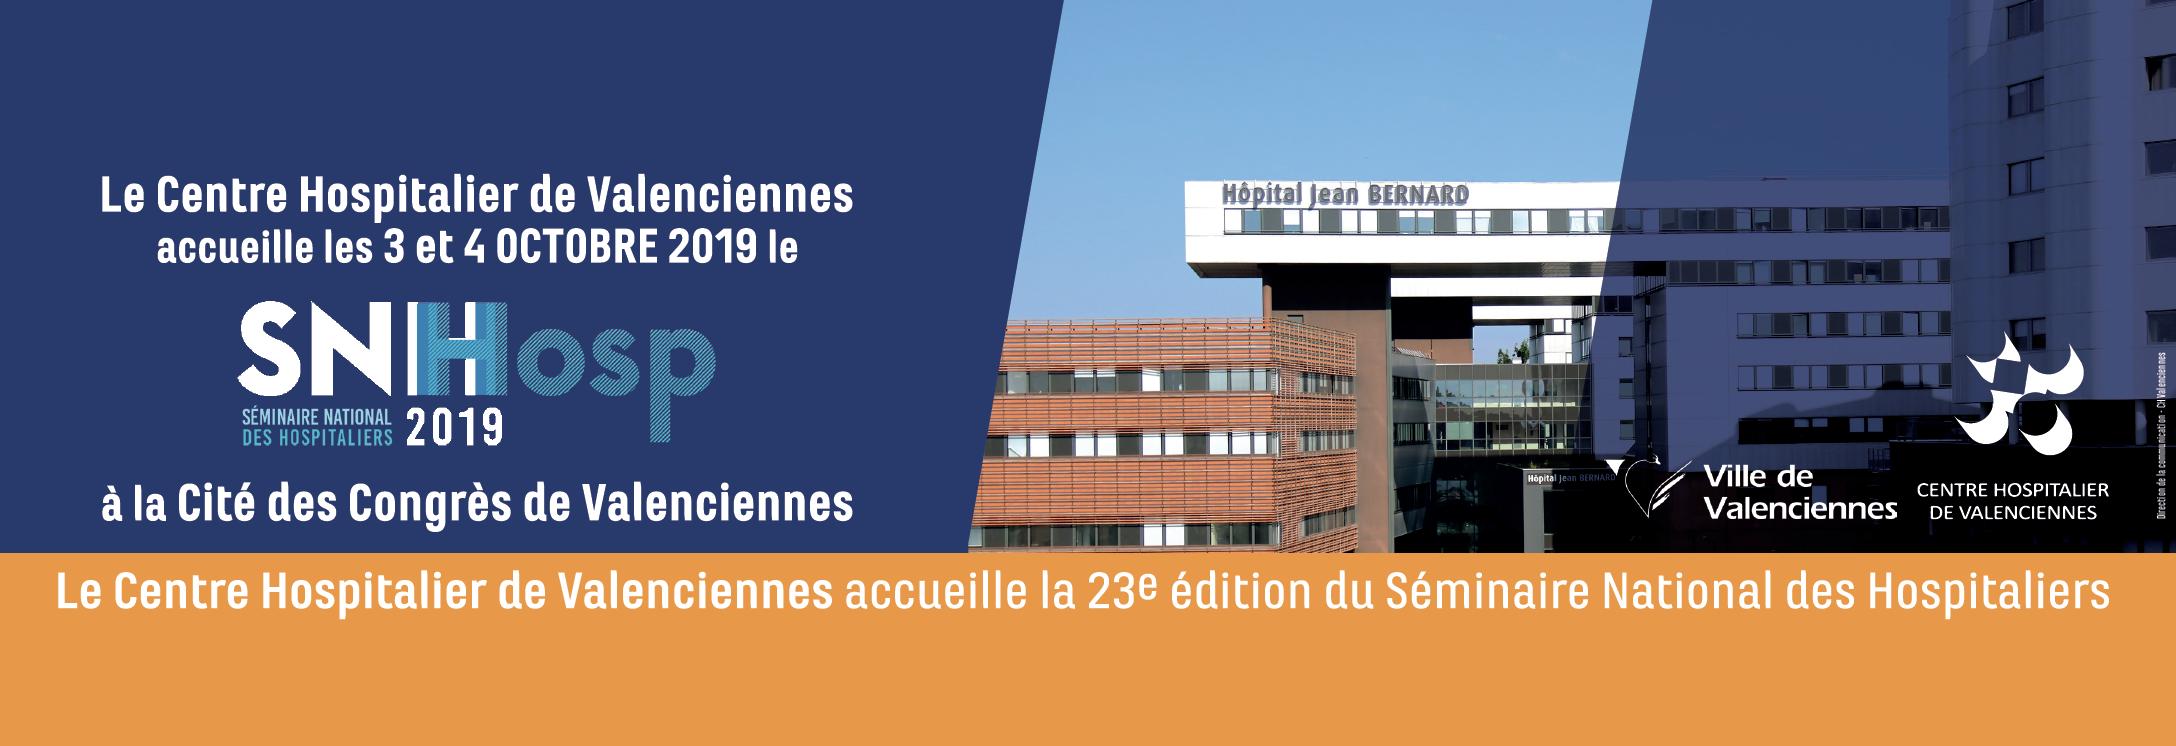 axege partenaire du Séminaire National des Hospitaliers 2019